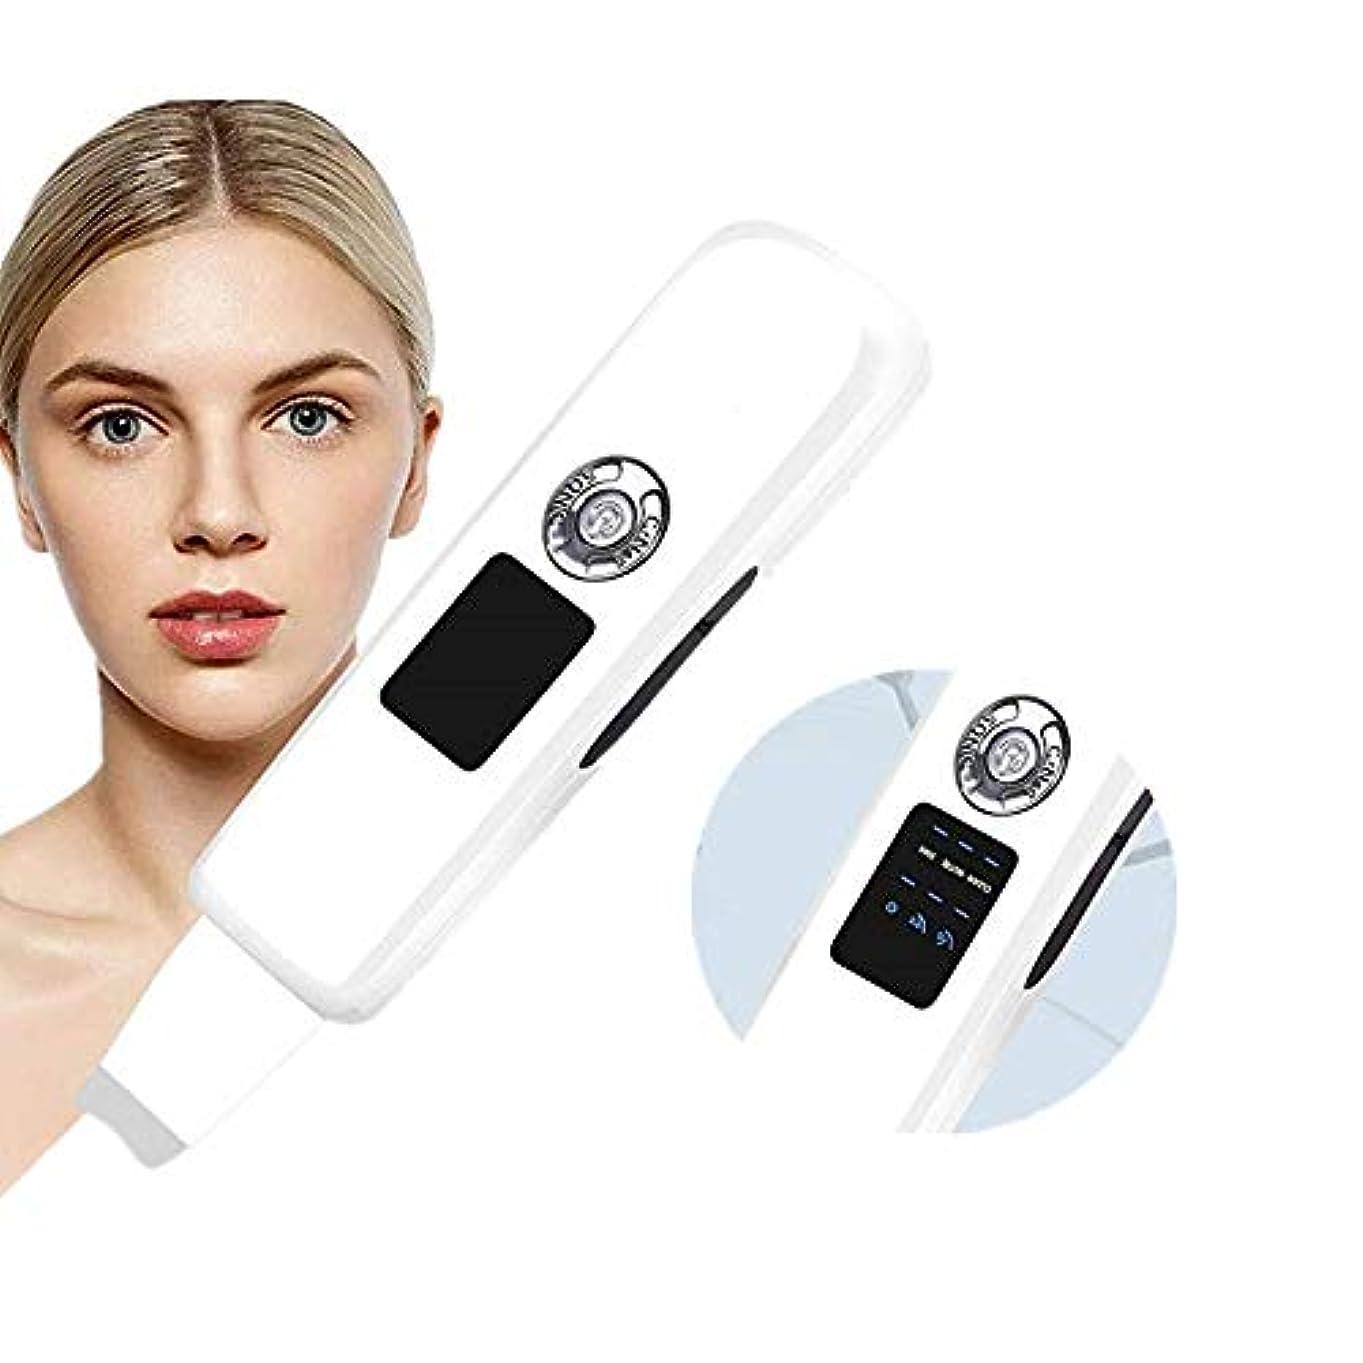 約束する失礼番号顔の皮膚スクラバー、ジェントルは男性女性ネックホワイトニングTighting若返りのためのリフティング&ファーミングツール、ブラックヘッドコメド毛穴クリーナー死んだ皮膚角質層の抽出を削除します